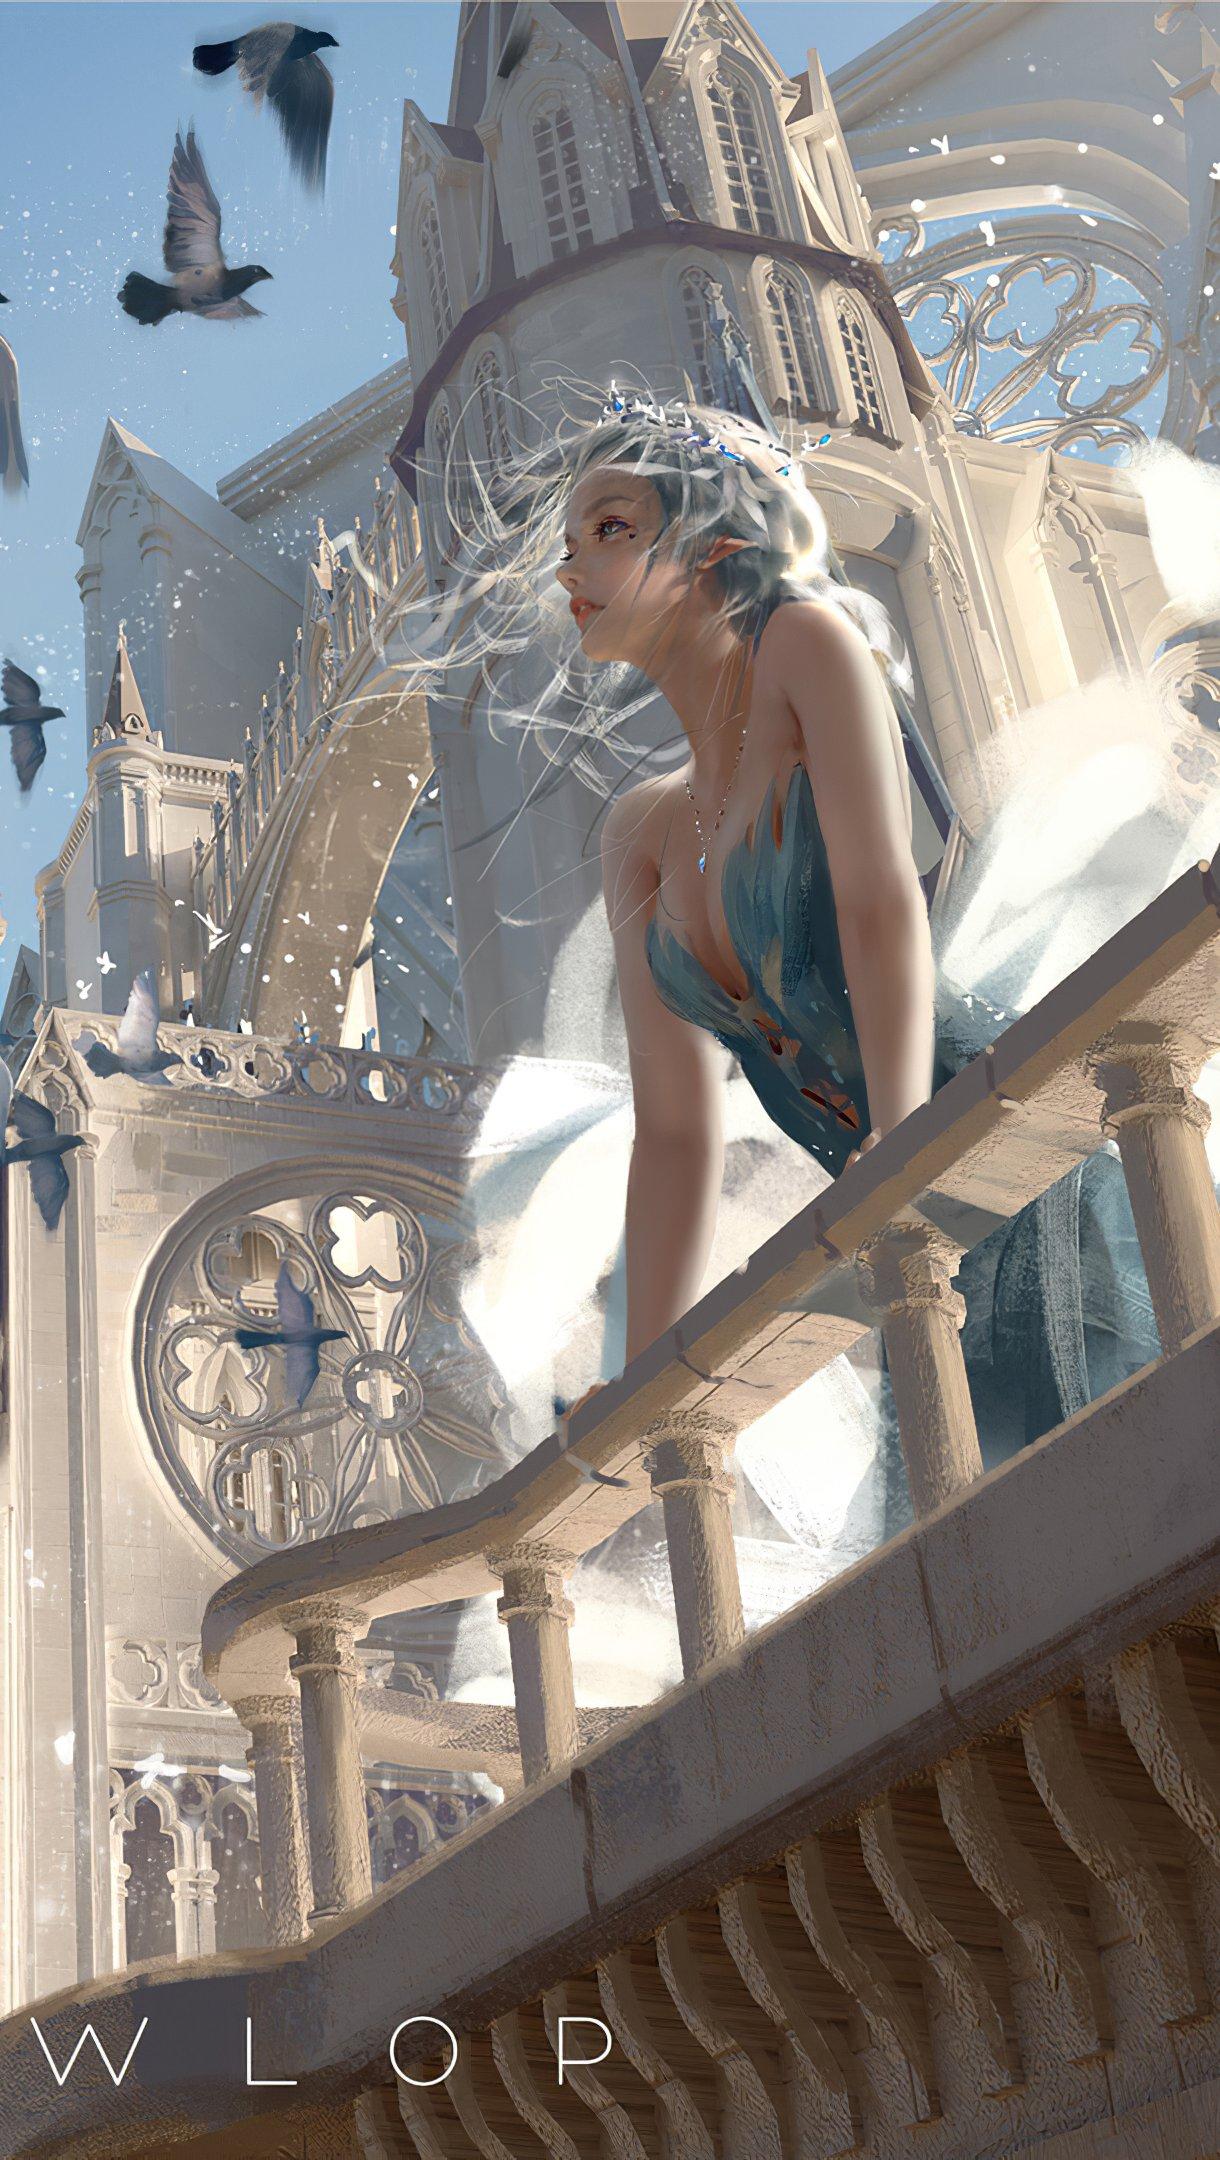 Fondos de pantalla Reina blanca en castillo con aves Vertical